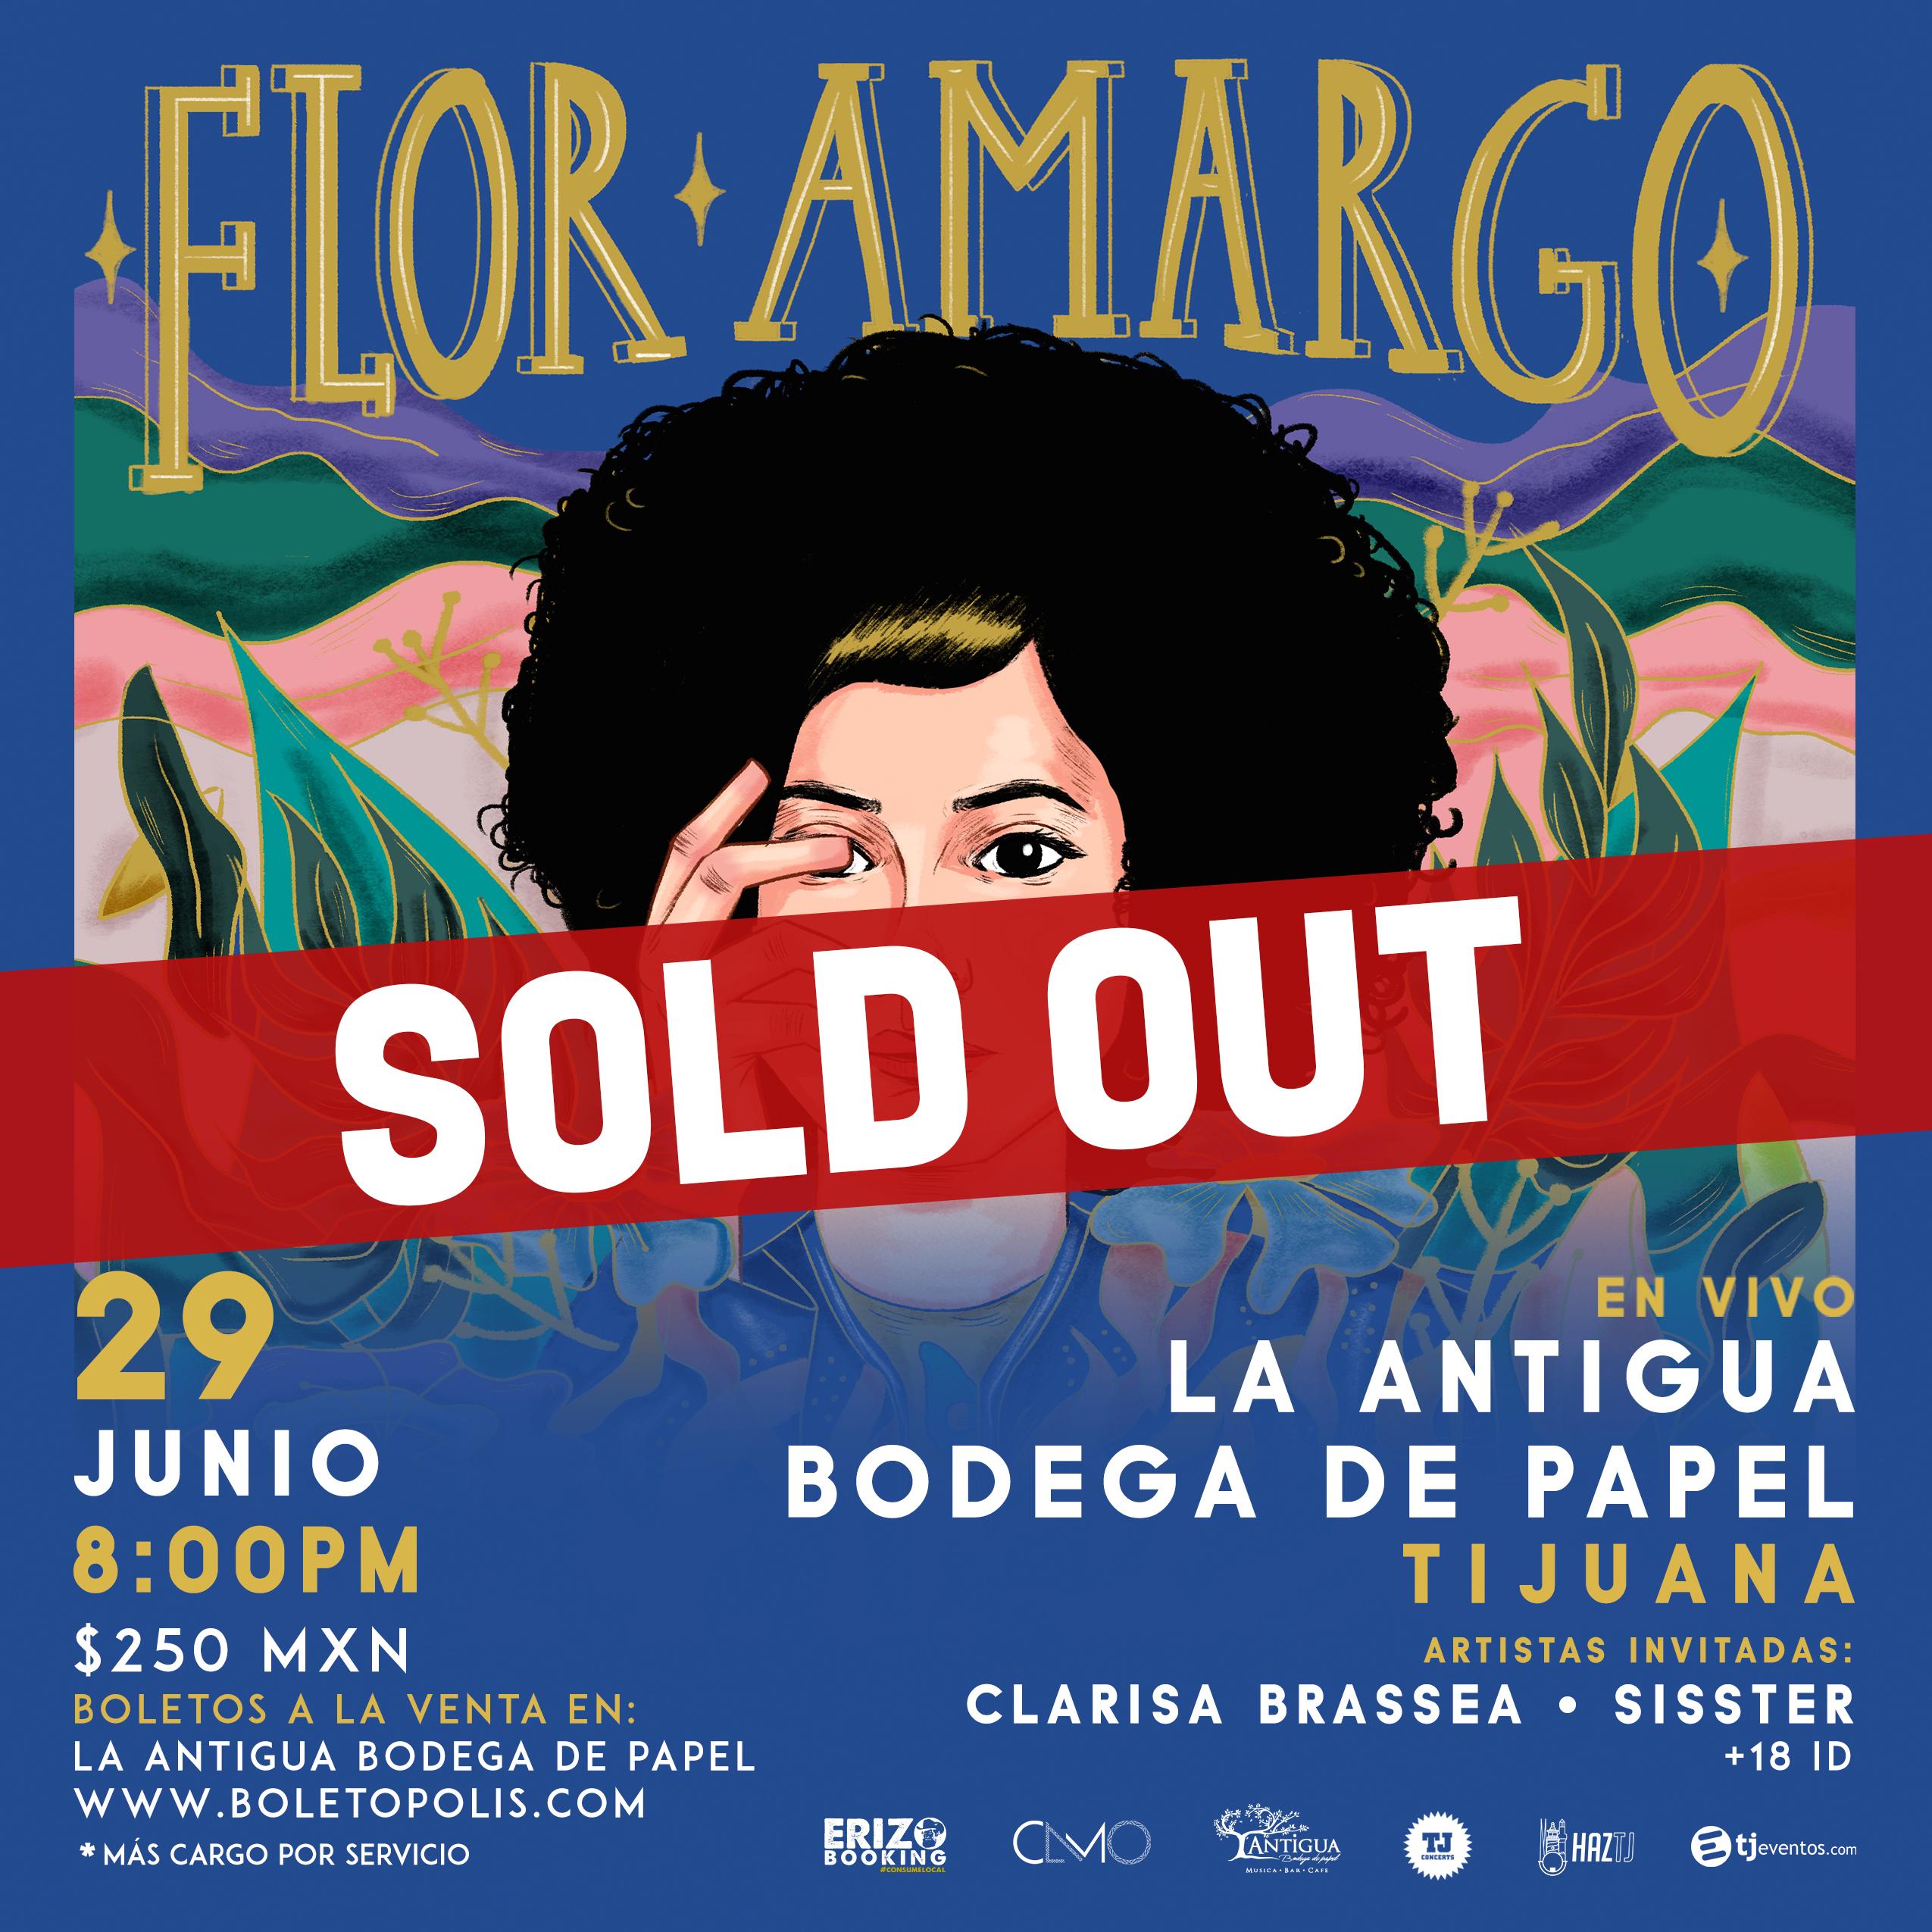 Flor Amargo SOLD OUT